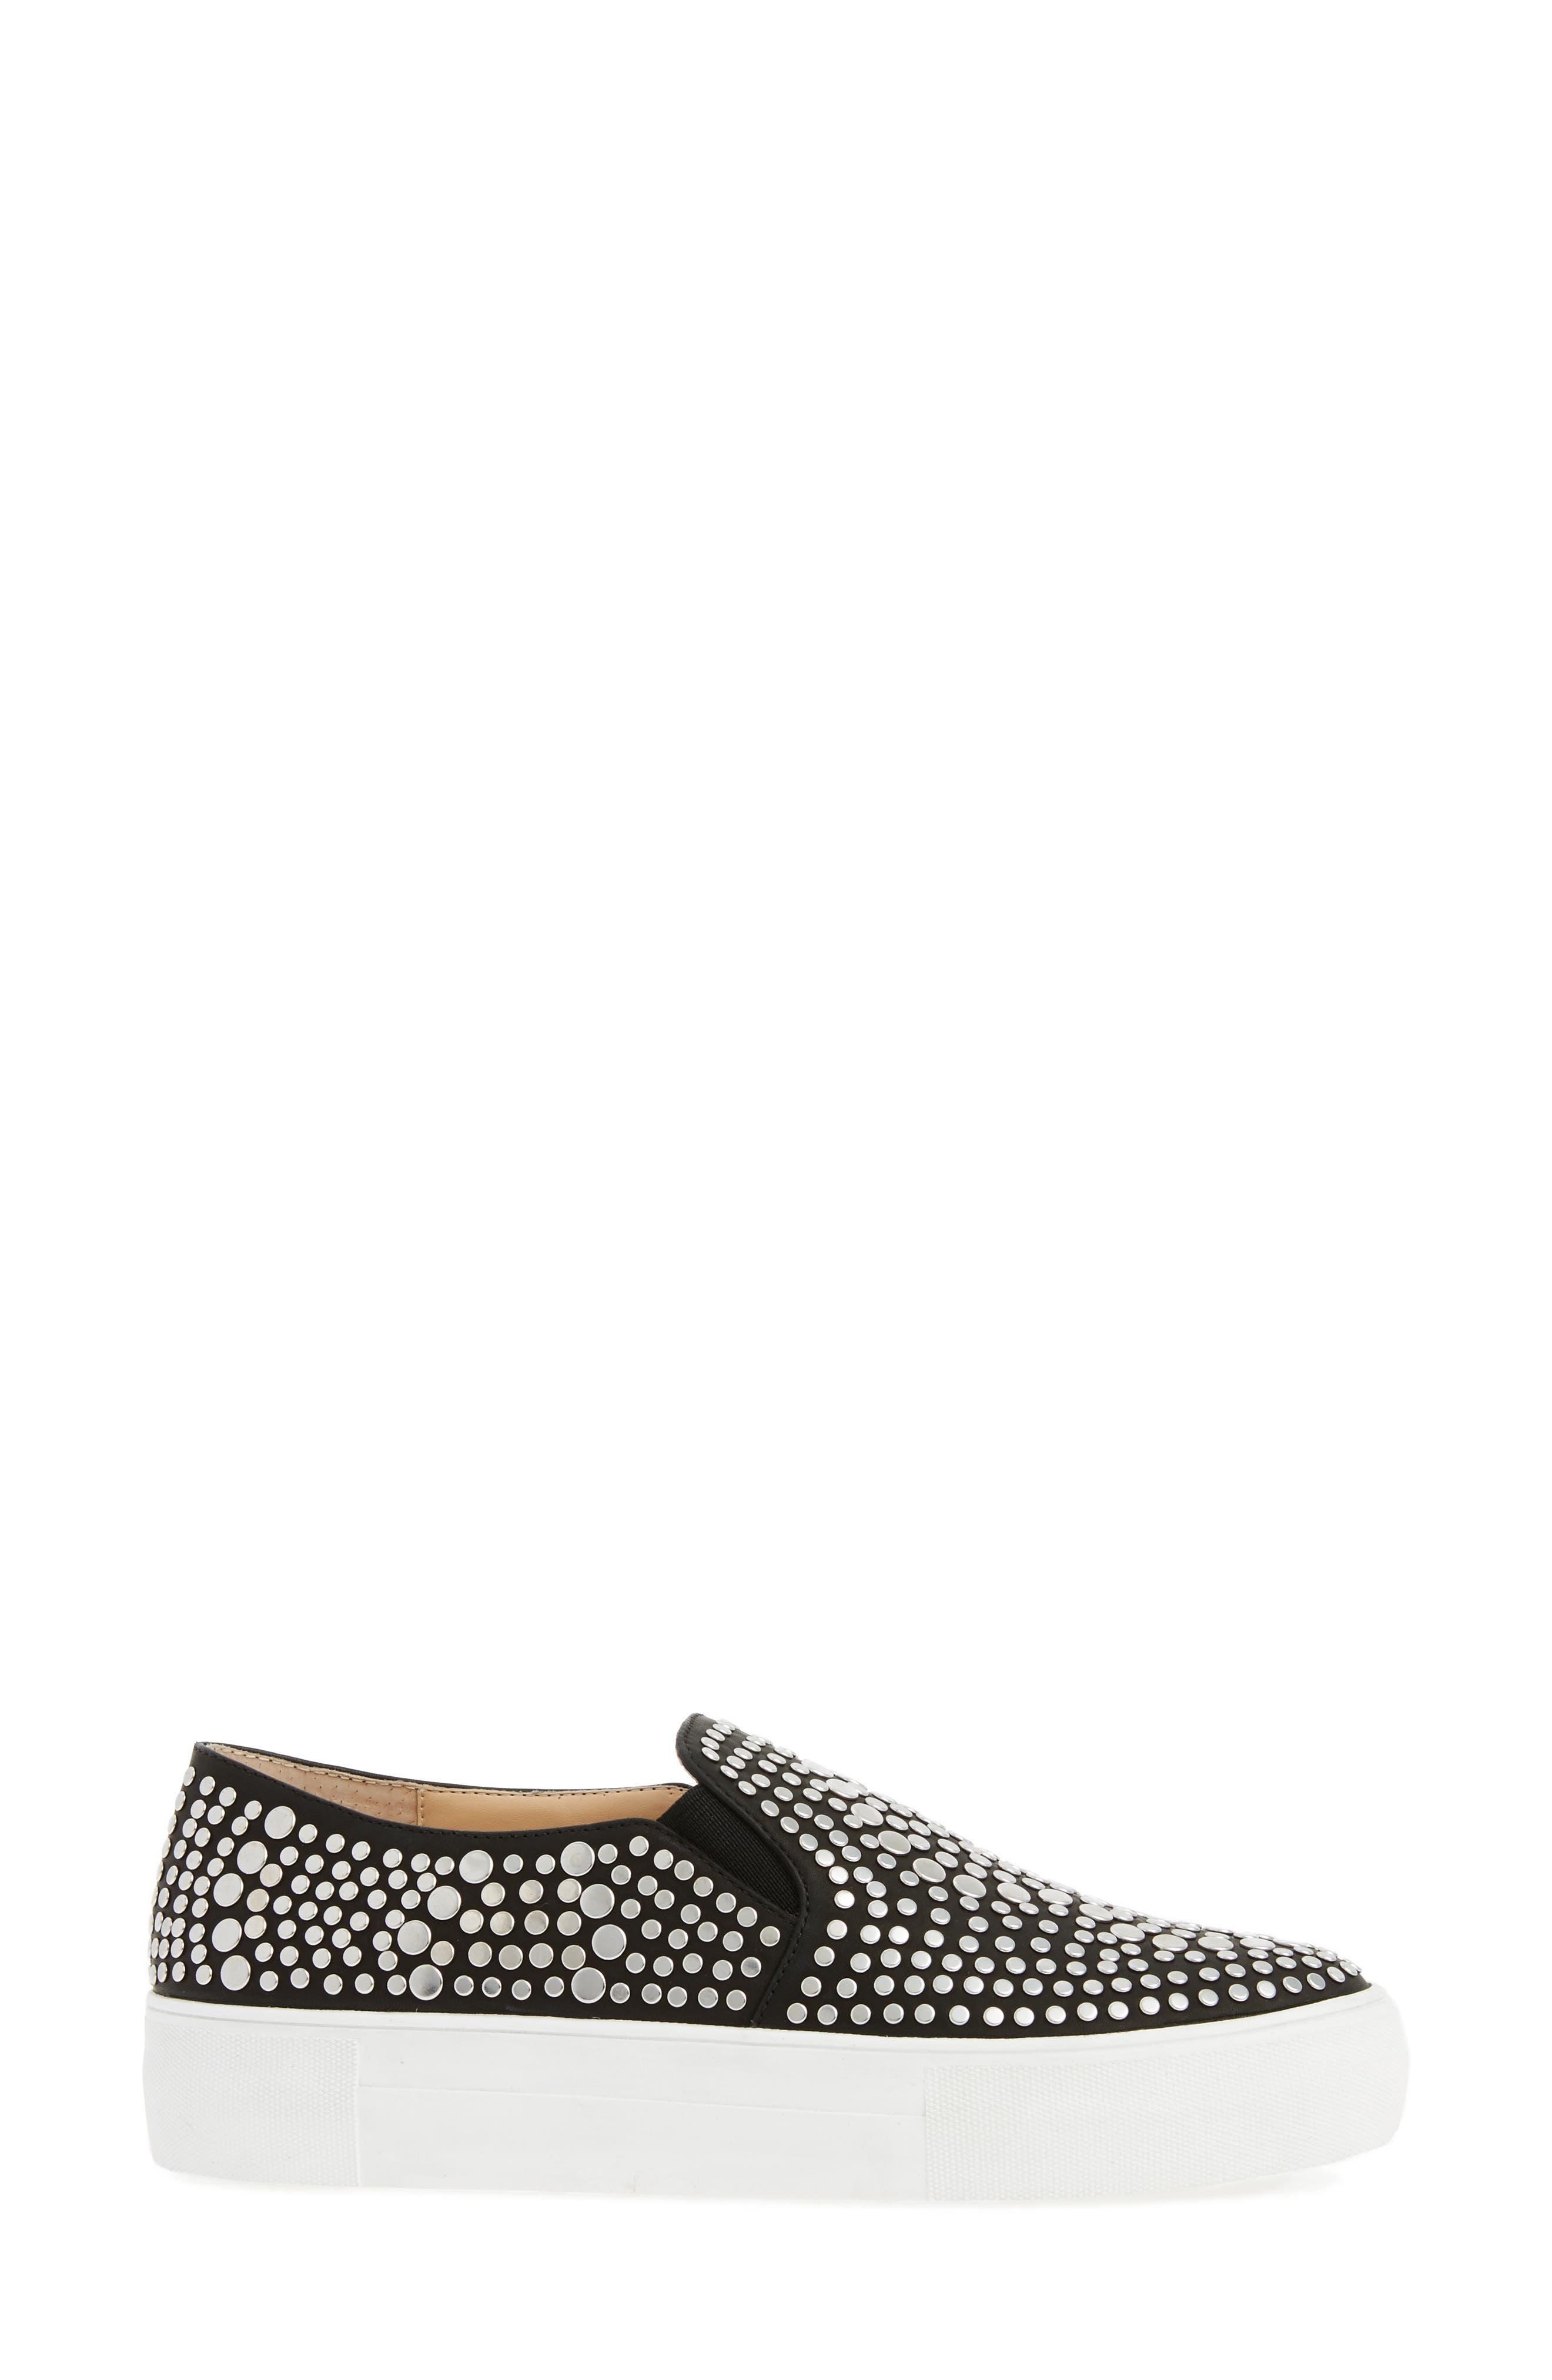 Alternate Image 3  - Vince Camuto Kindra Studded Slip-On Sneaker (Women)